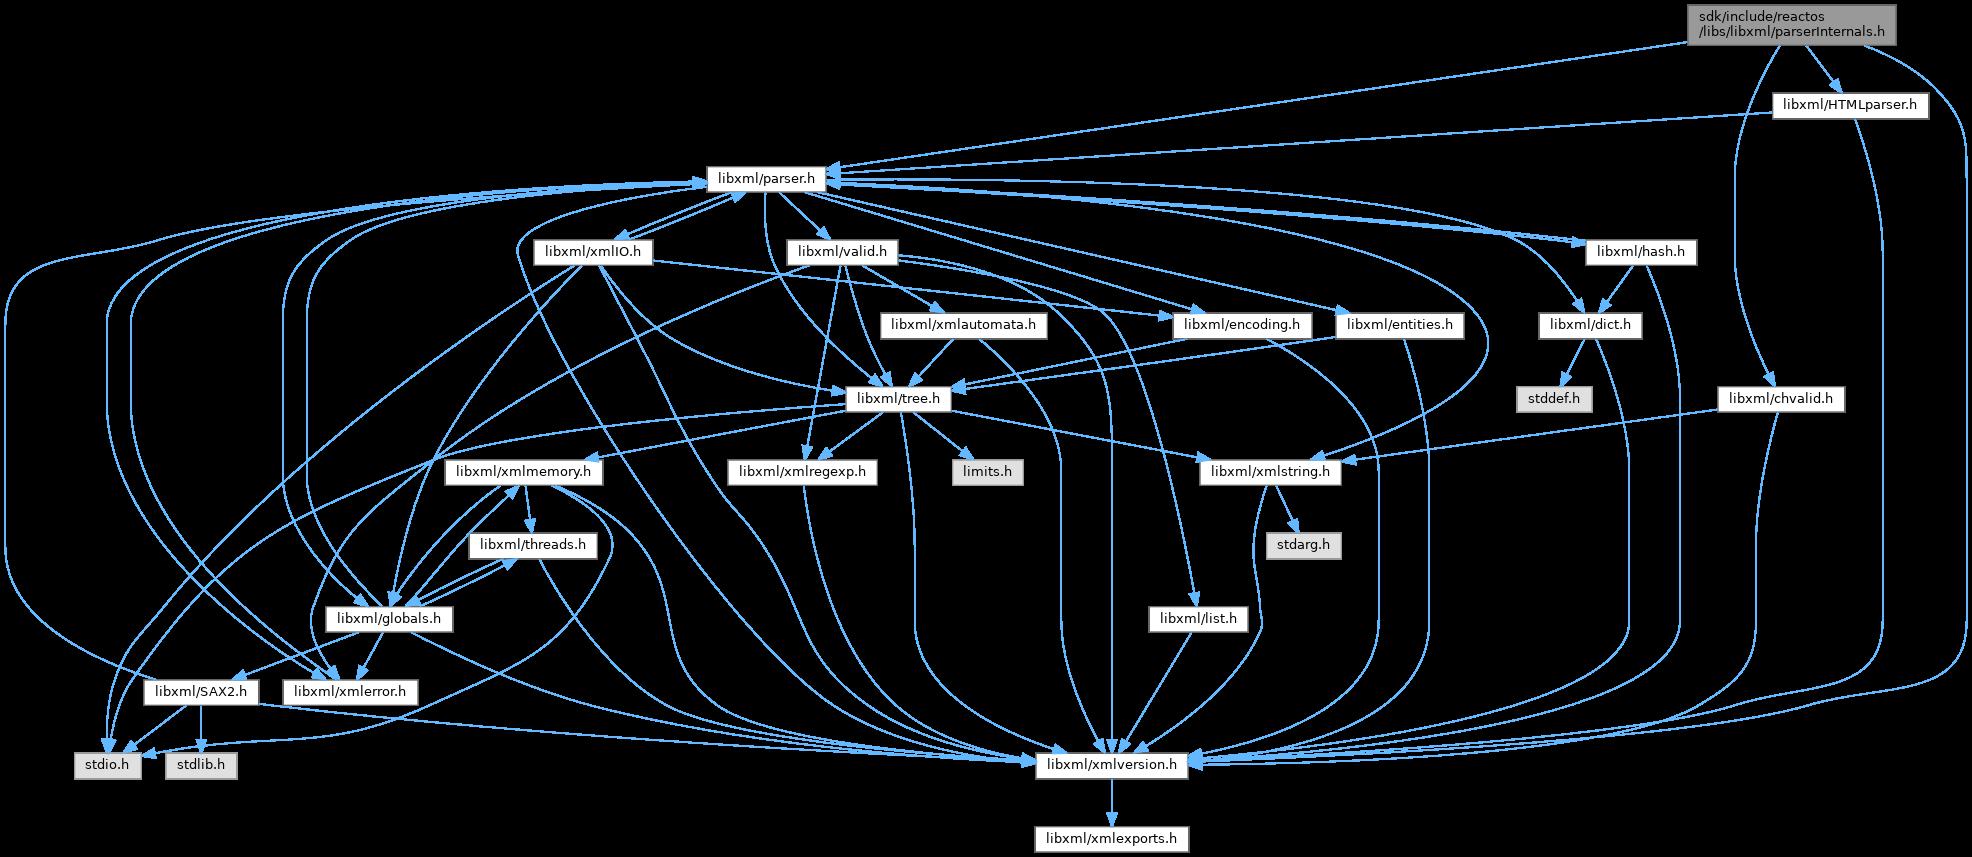 ReactOS: sdk/include/reactos/libs/libxml/parserInternals h File